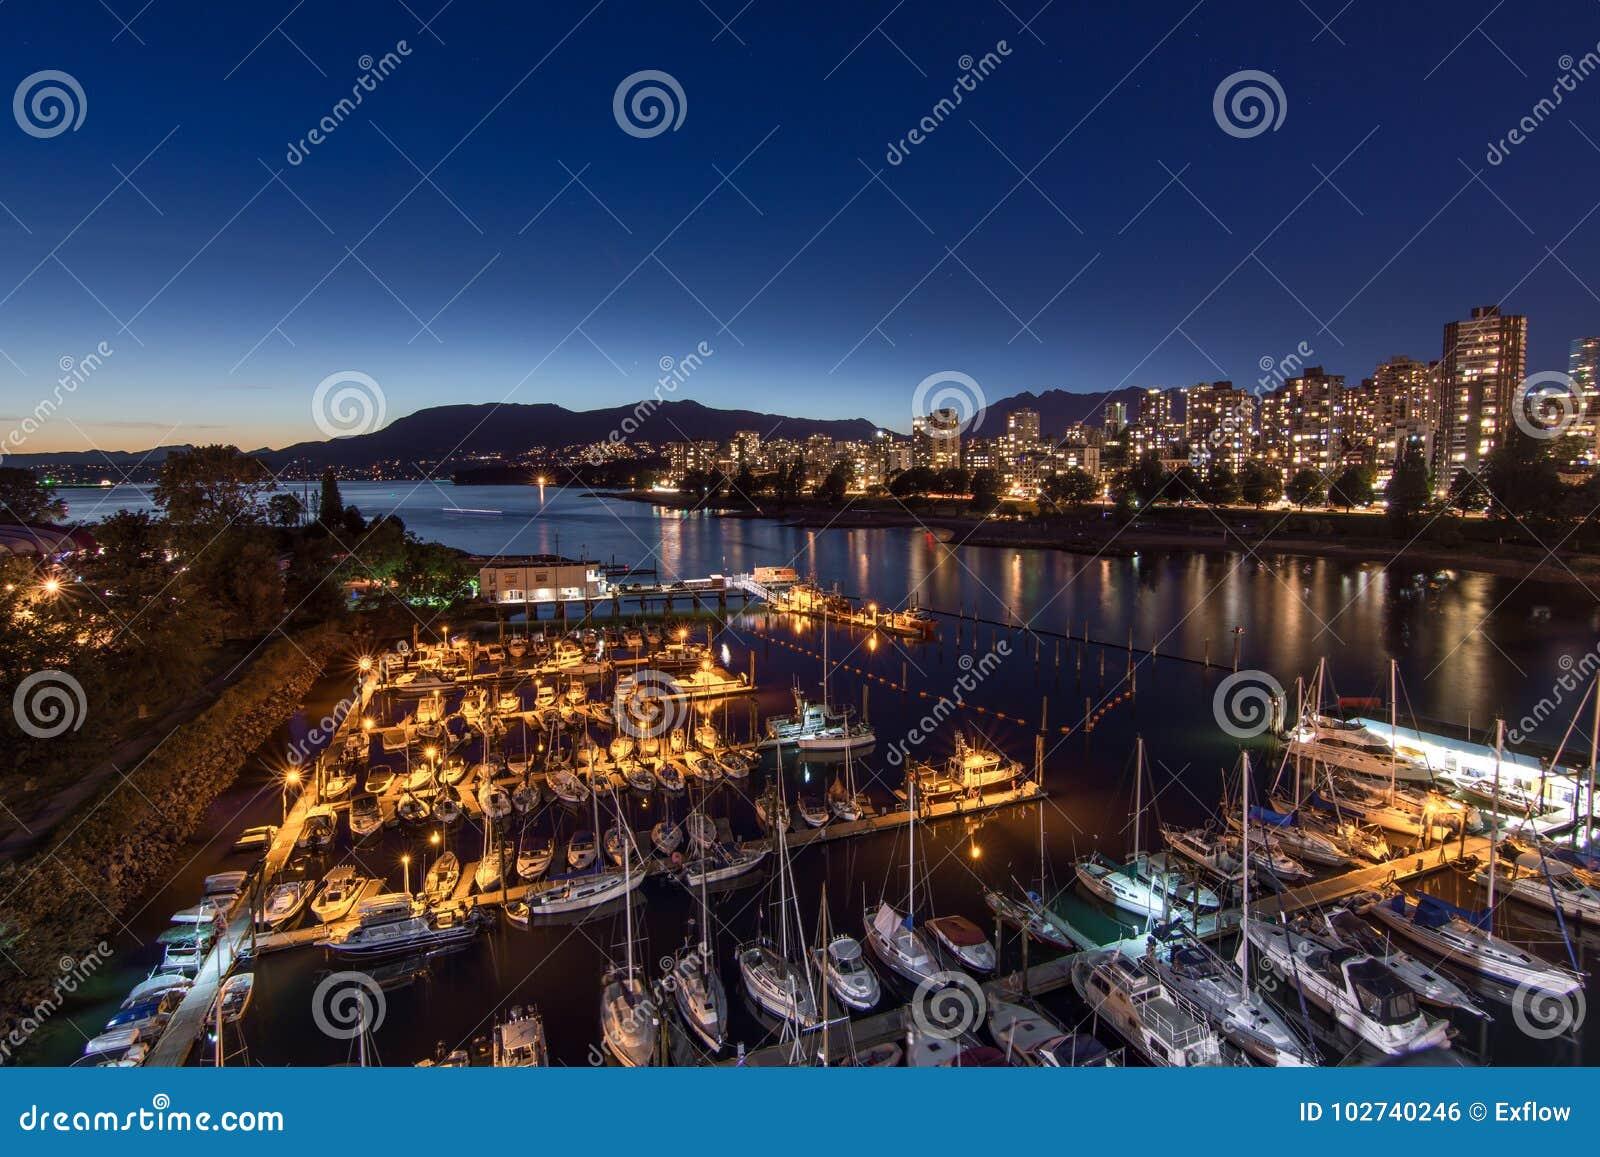 Βανκούβερ, Καναδάς - 23 Ιουνίου 2017: Βάρκες στην πολιτική μαρίνα Burrard